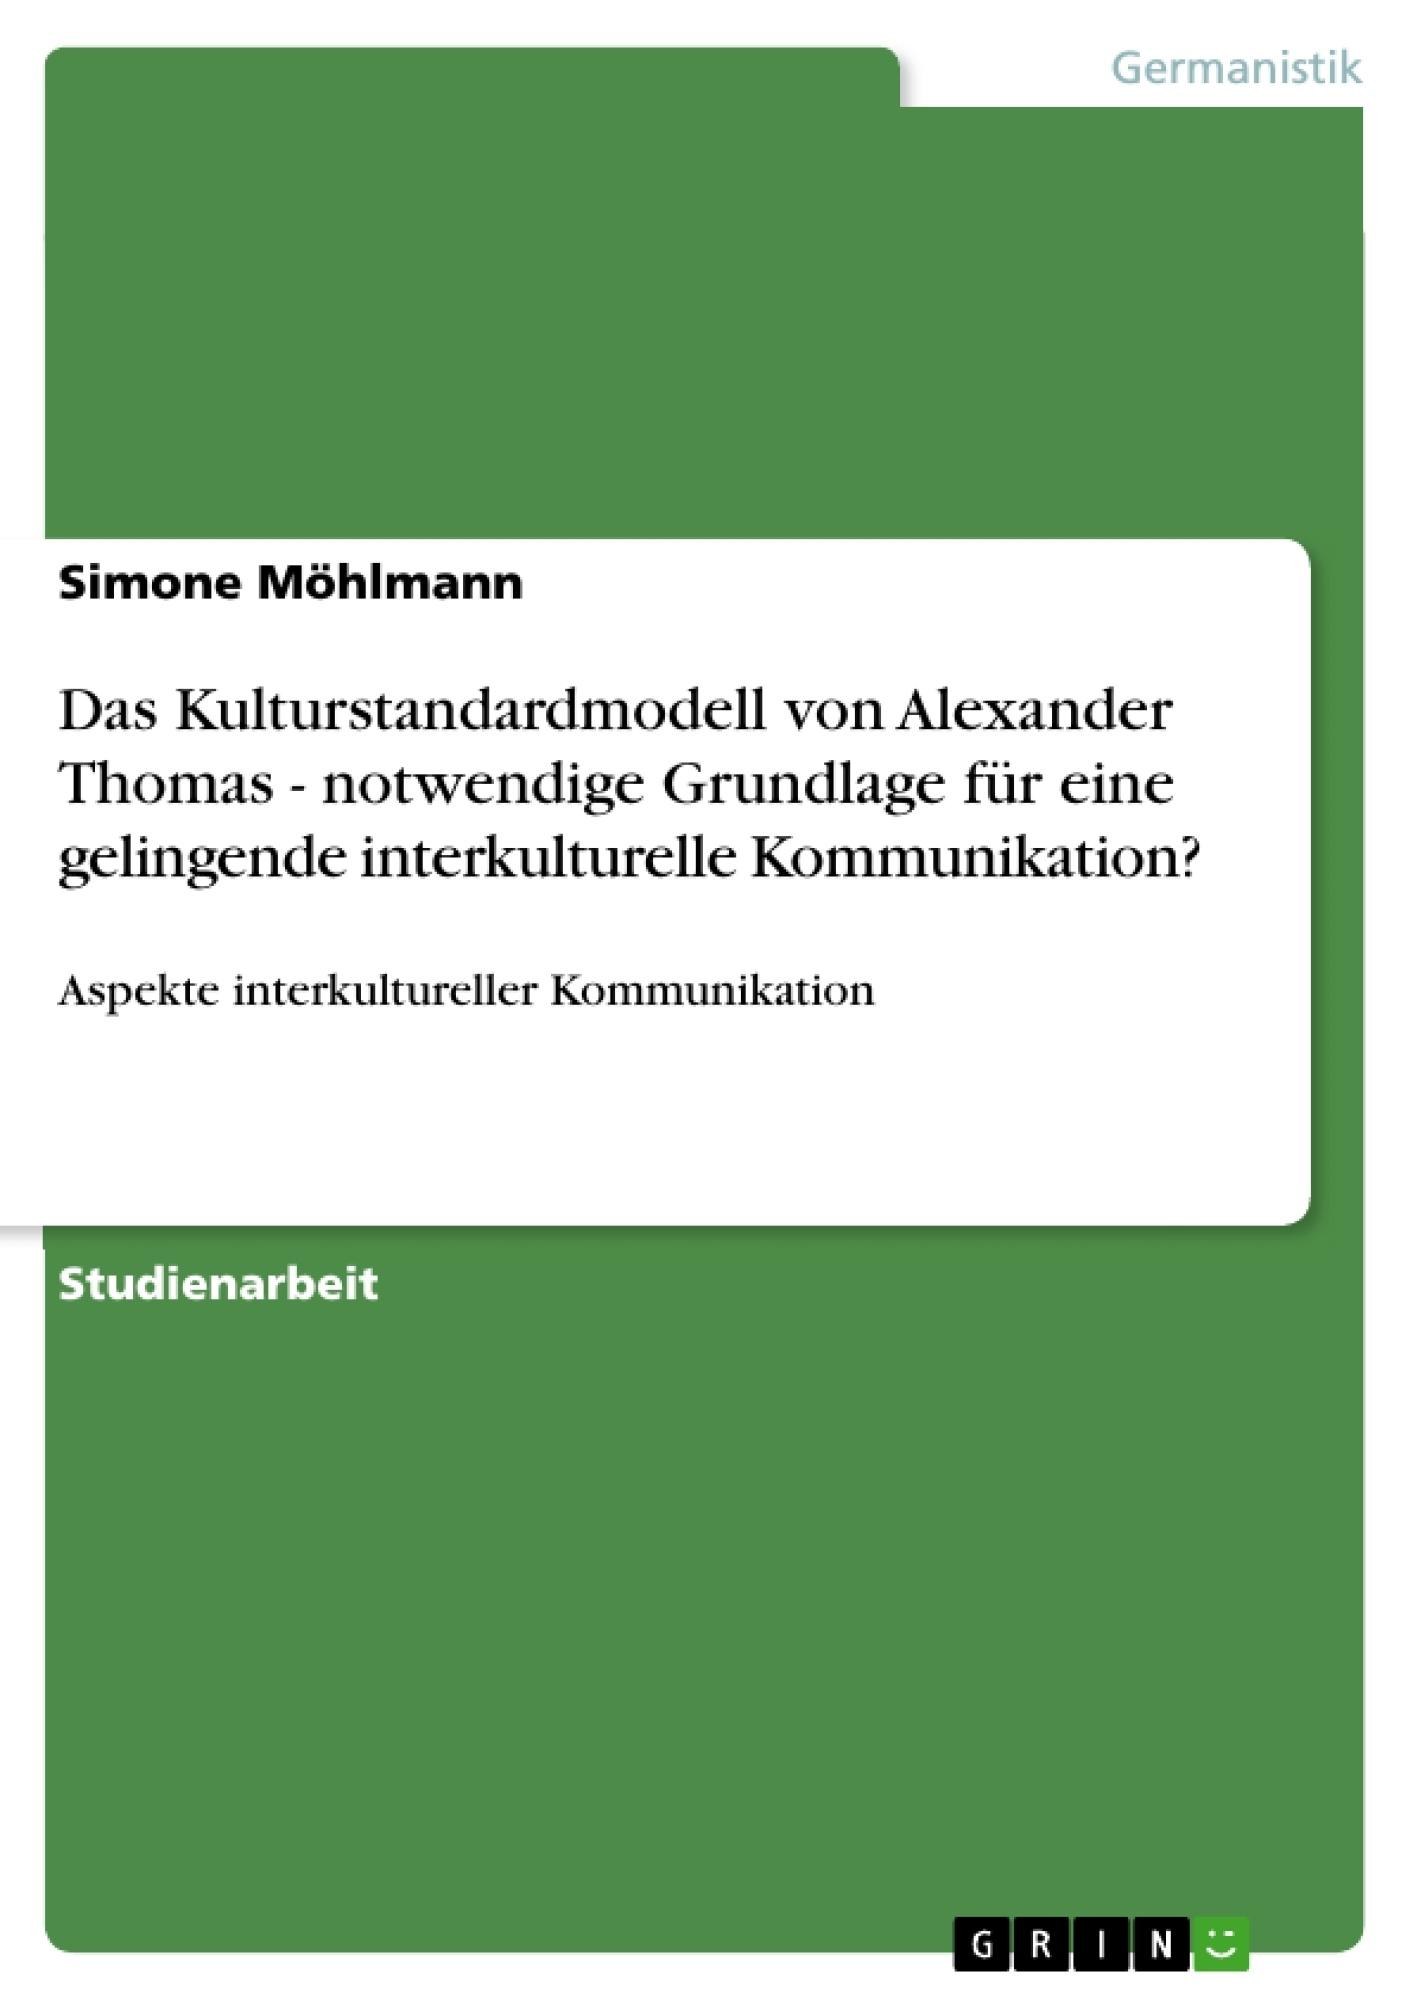 Titel: Das Kulturstandardmodell von Alexander Thomas - notwendige Grundlage für eine gelingende interkulturelle Kommunikation?